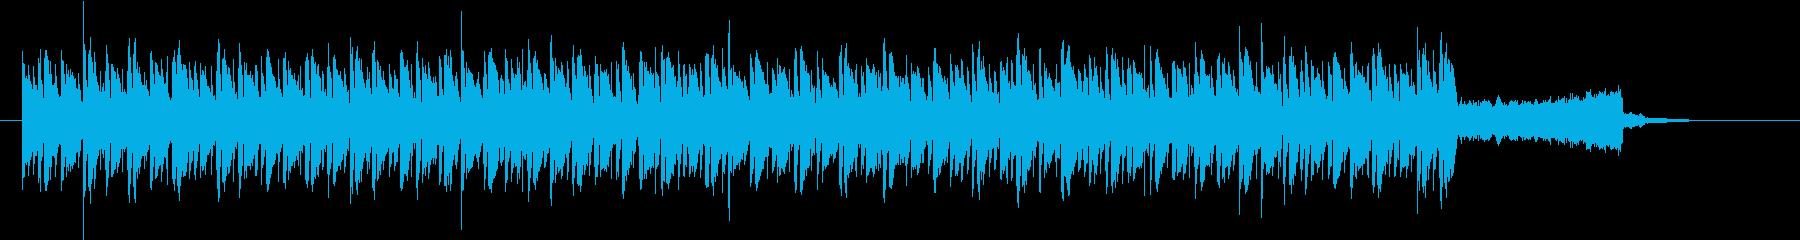 激しいトランスBGMの再生済みの波形